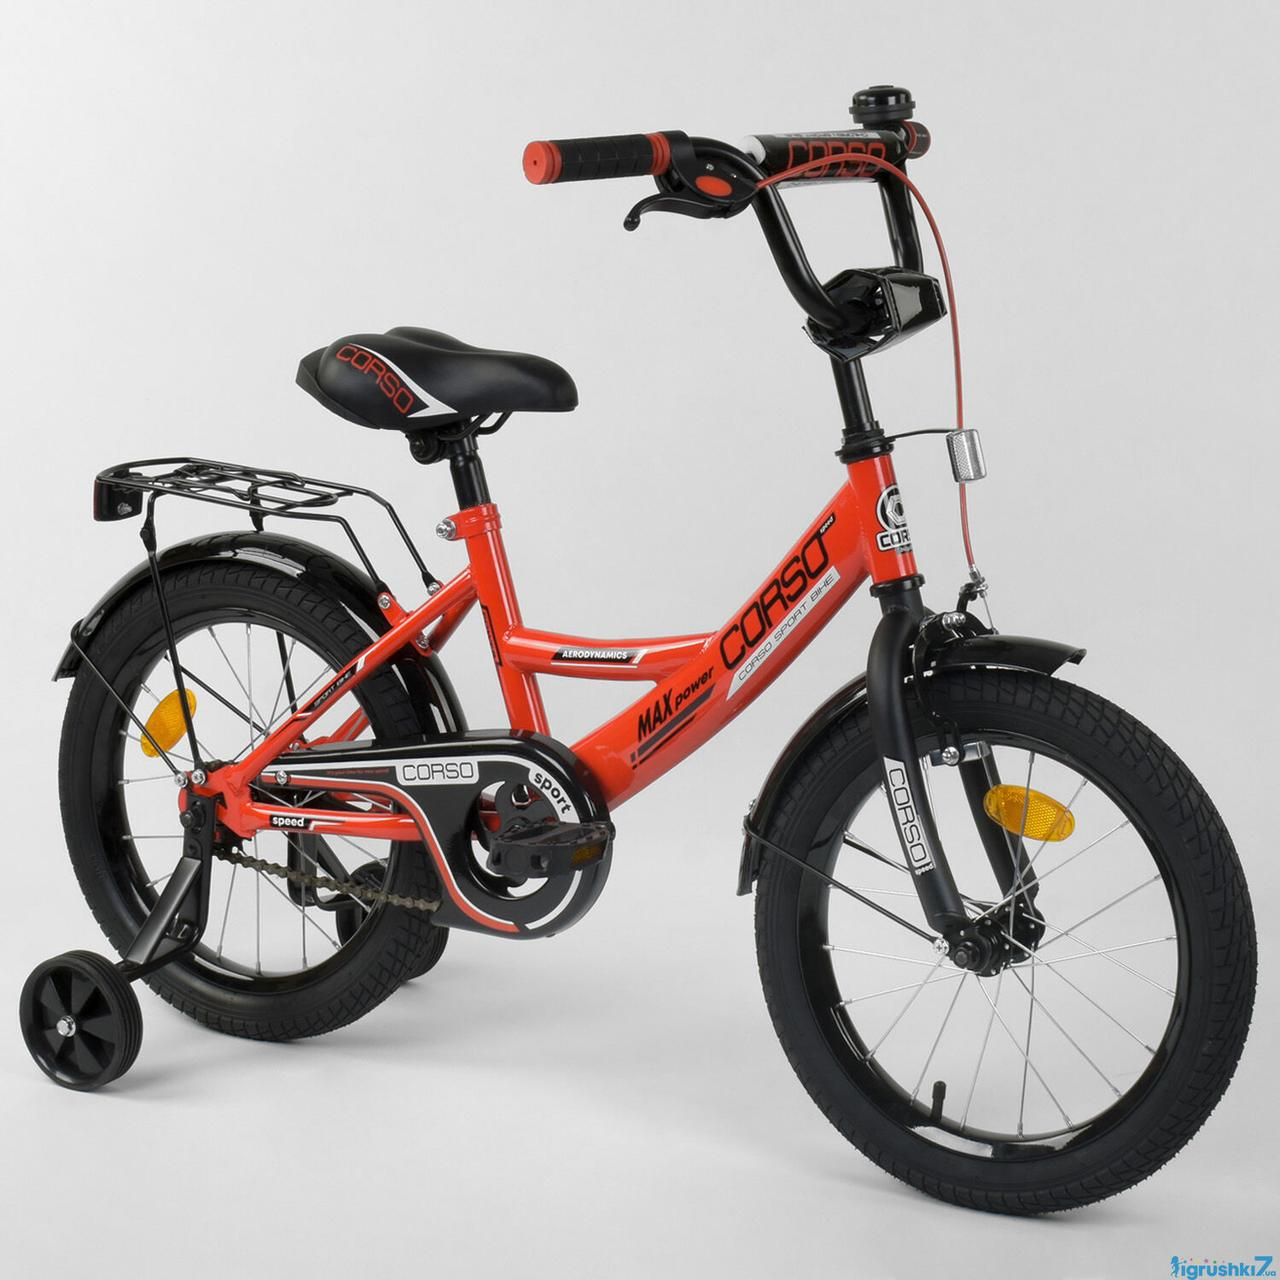 Детский двухколесный велосипед колеса 16 дюймов Corso CL-16 P 2255 красный